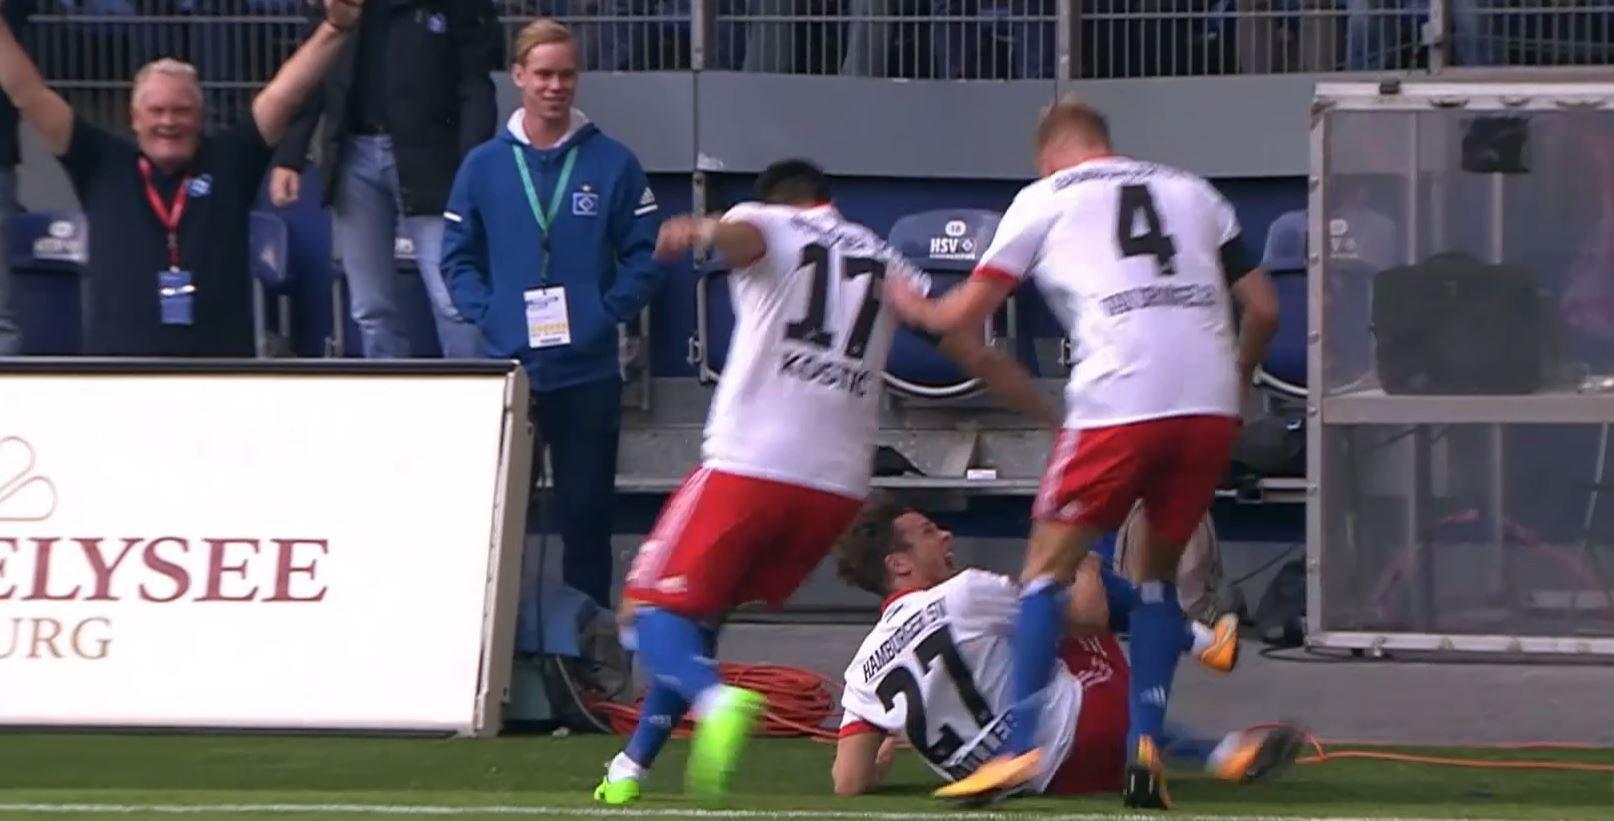 Insolite / Buzz - Bundesliga : Après avoir fêté son but en faisant la toupie, Nicolai Müller se rompt le genou et sera absent 7 mois